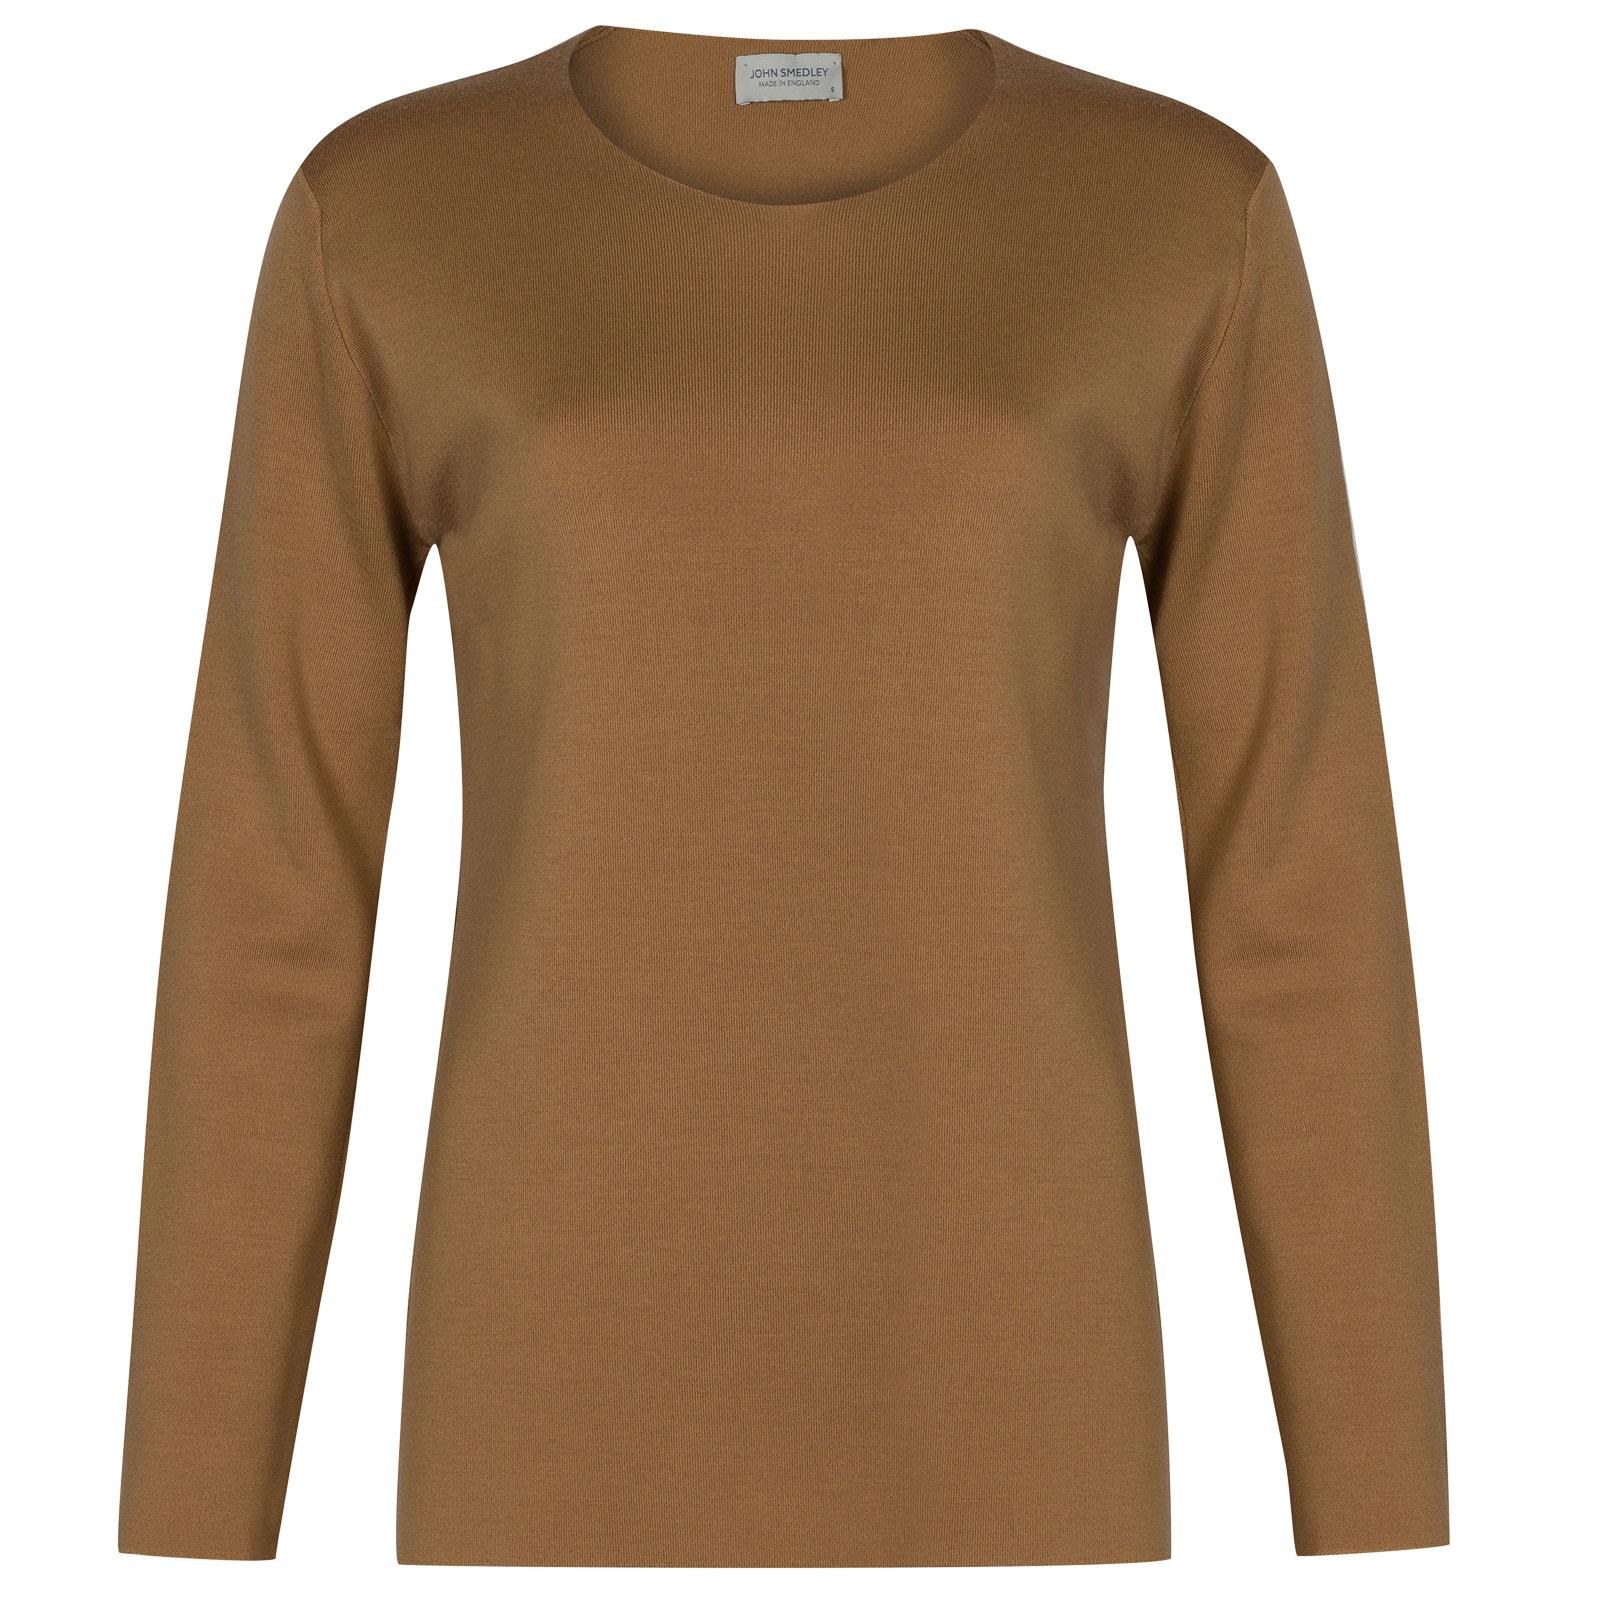 John Smedley Milton Merino Wool Sweater in Camel-S